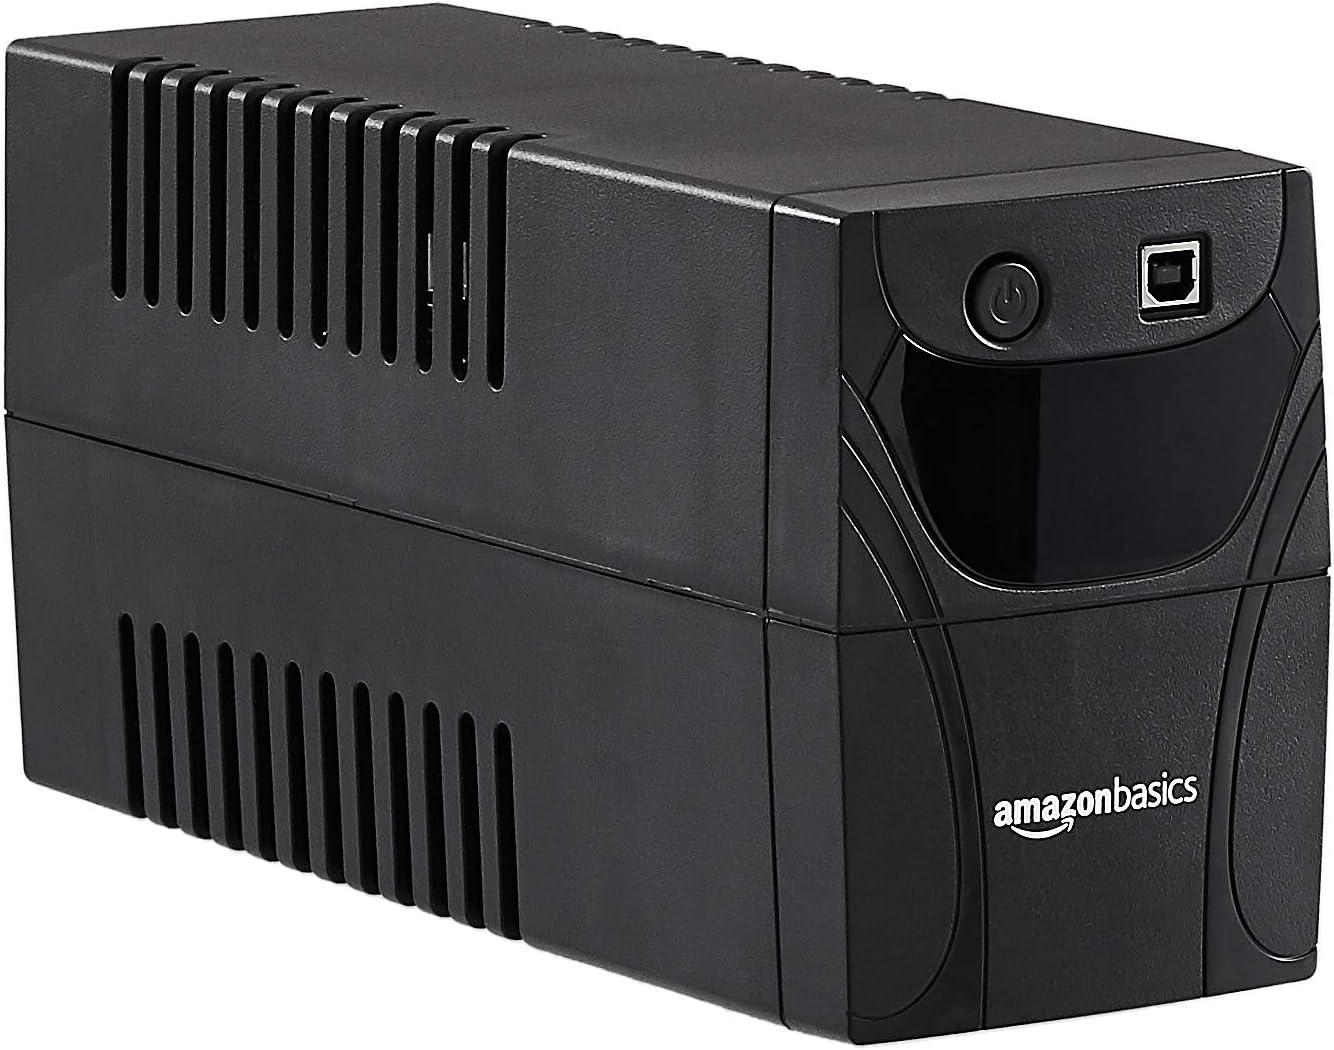 Amazon Basics - Fuente de alimentación ininterrumpida, 850 VA, 4 tomas IEC, con protección contra sobretensiones